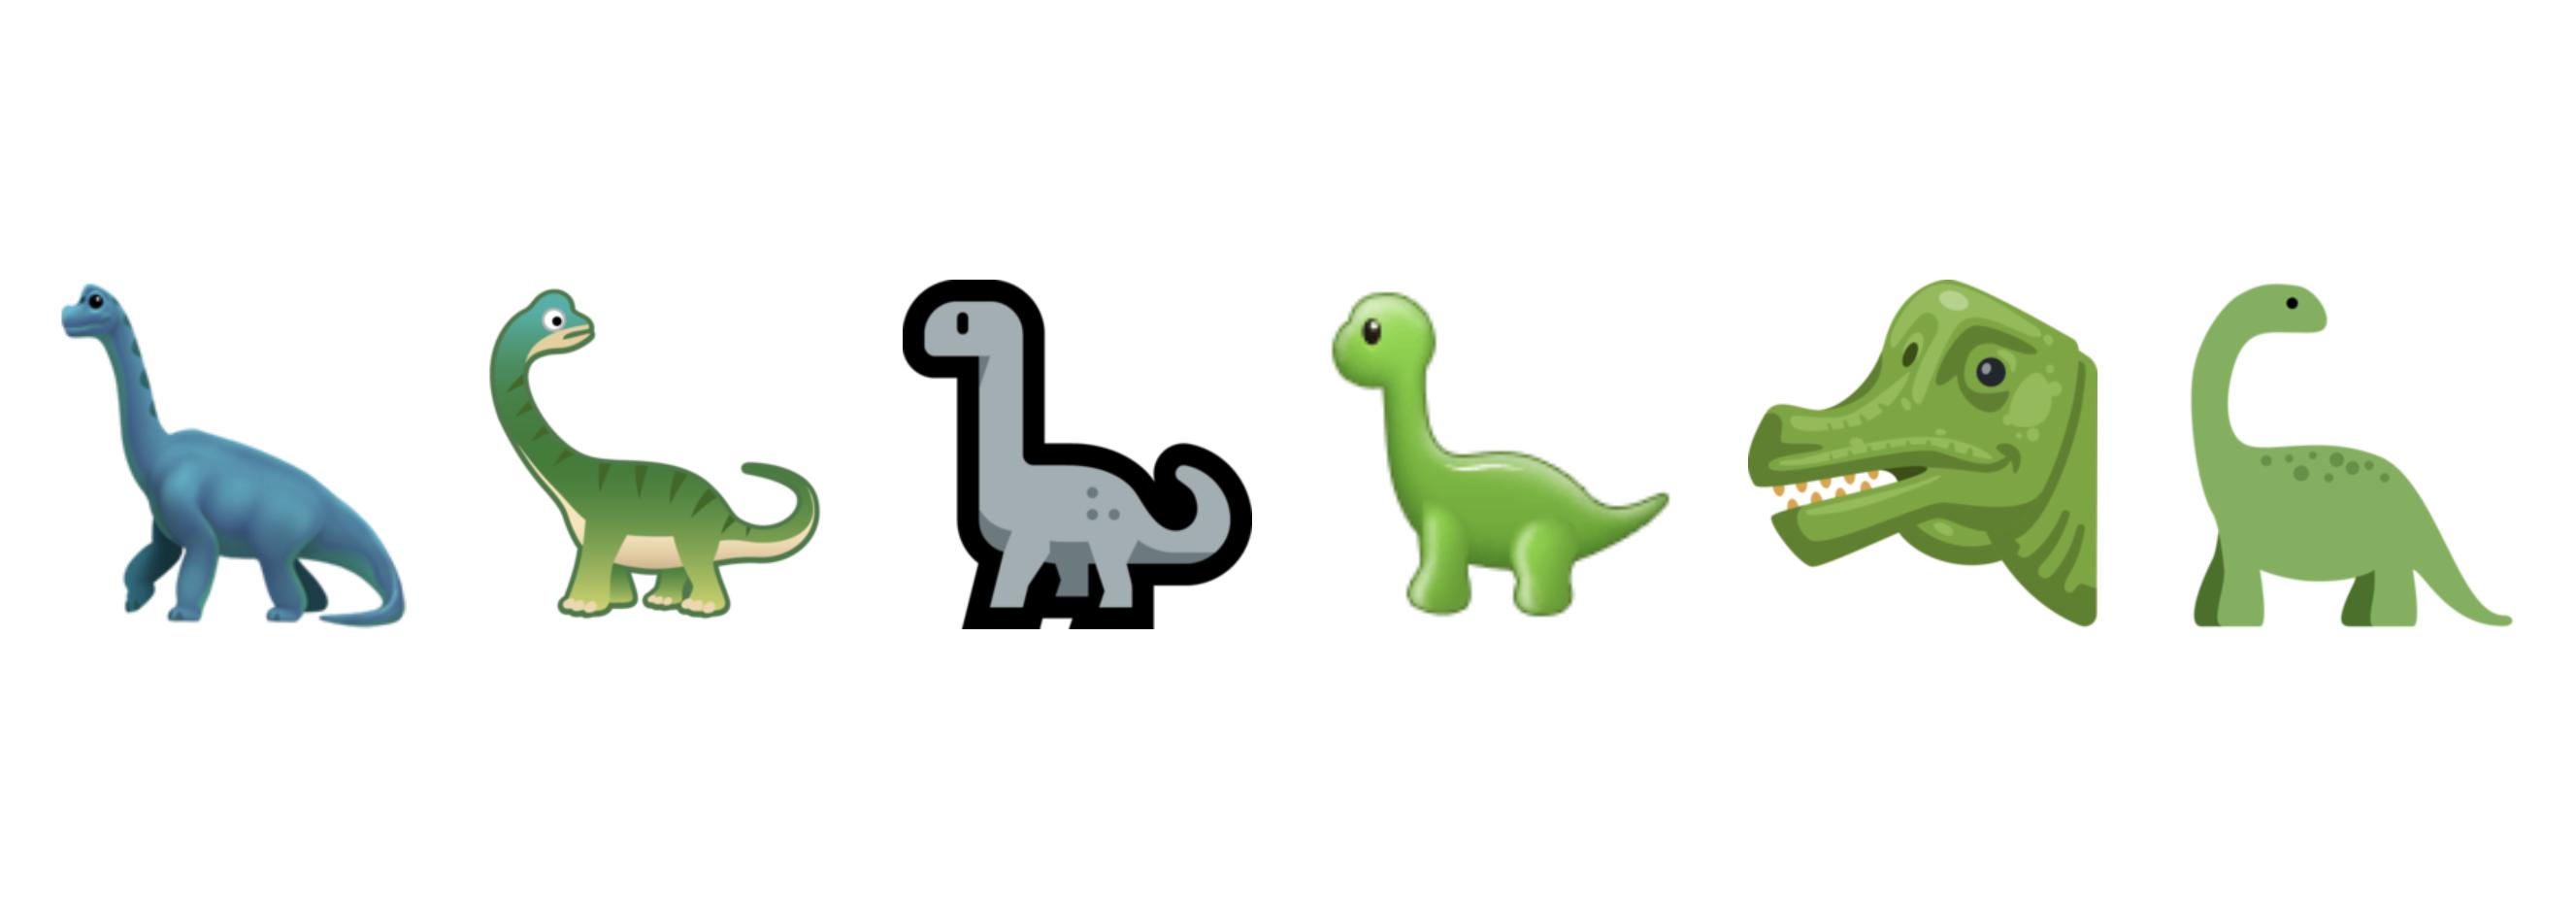 V.l.n.r.: Die Umsetzung des Sauropod-Emoji von Apple, Google, Microsoft, Samsung, Facebook und Twitter.